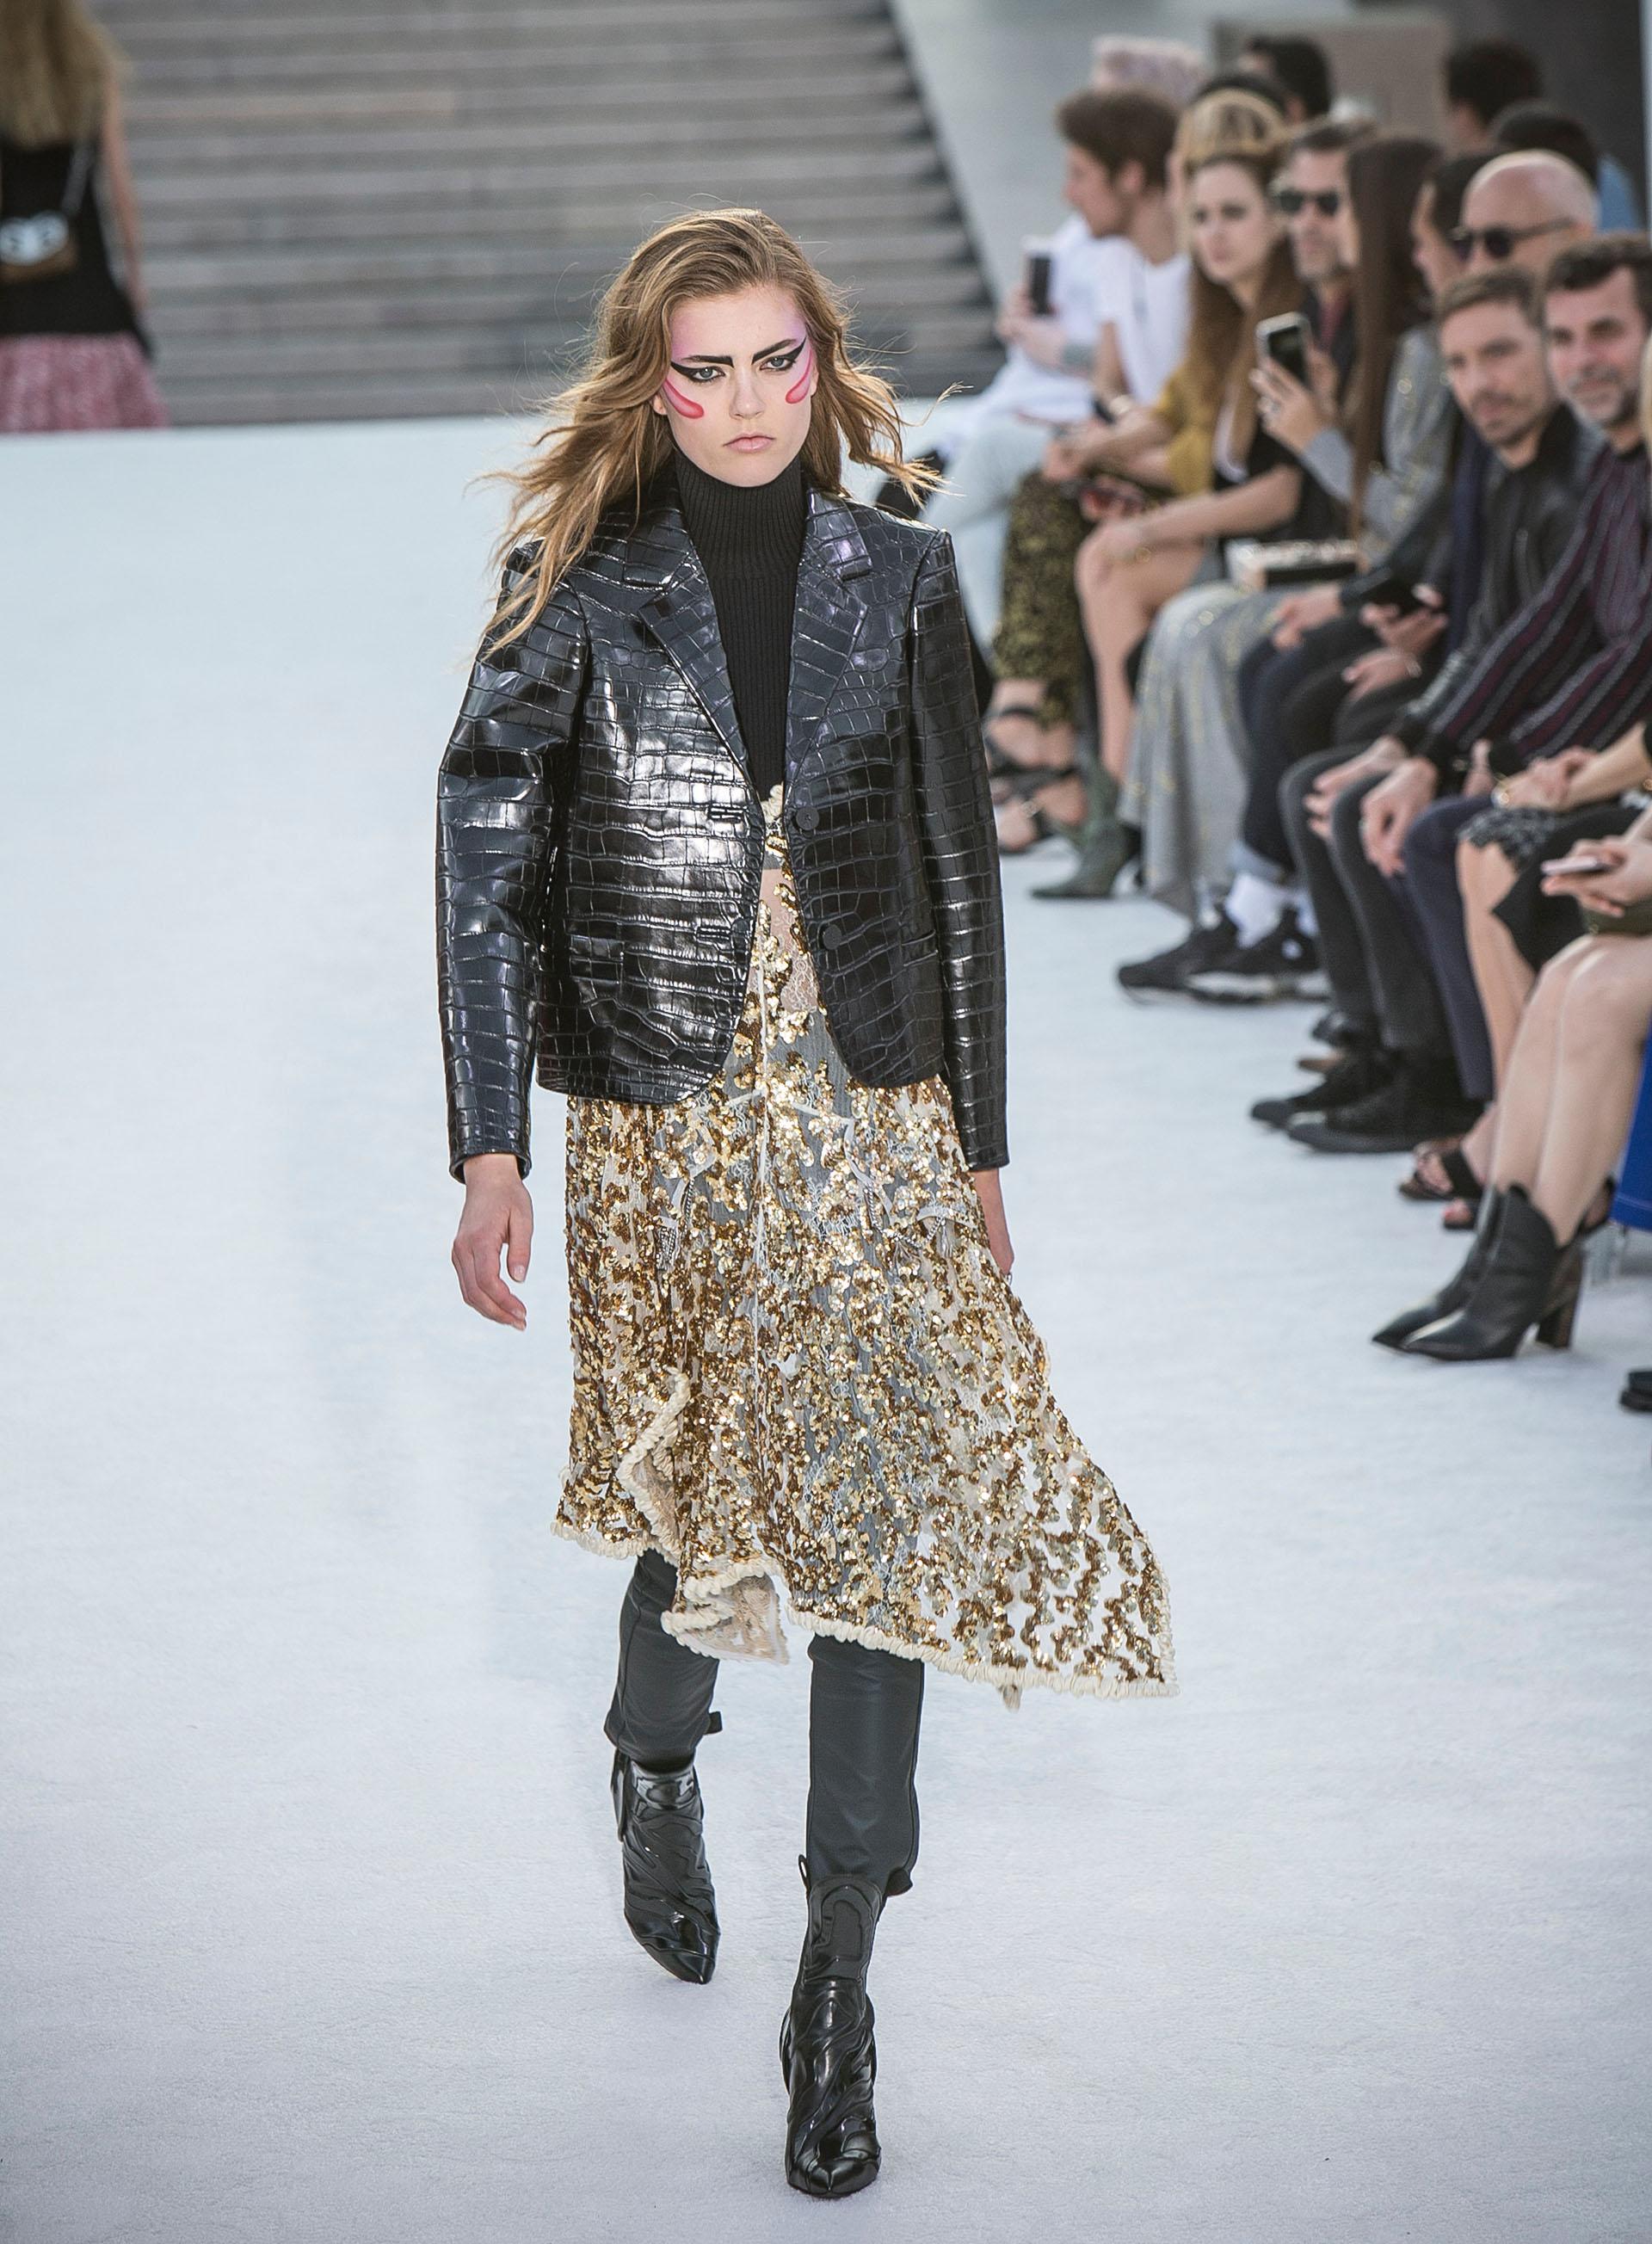 Con referencias niponas, Vuitton, desplegó 55 look en la pasarela nipona. Utilizó el brillo como nexo conector de su colección colmado por vestidos de lentejuelas y prendas superpuestas